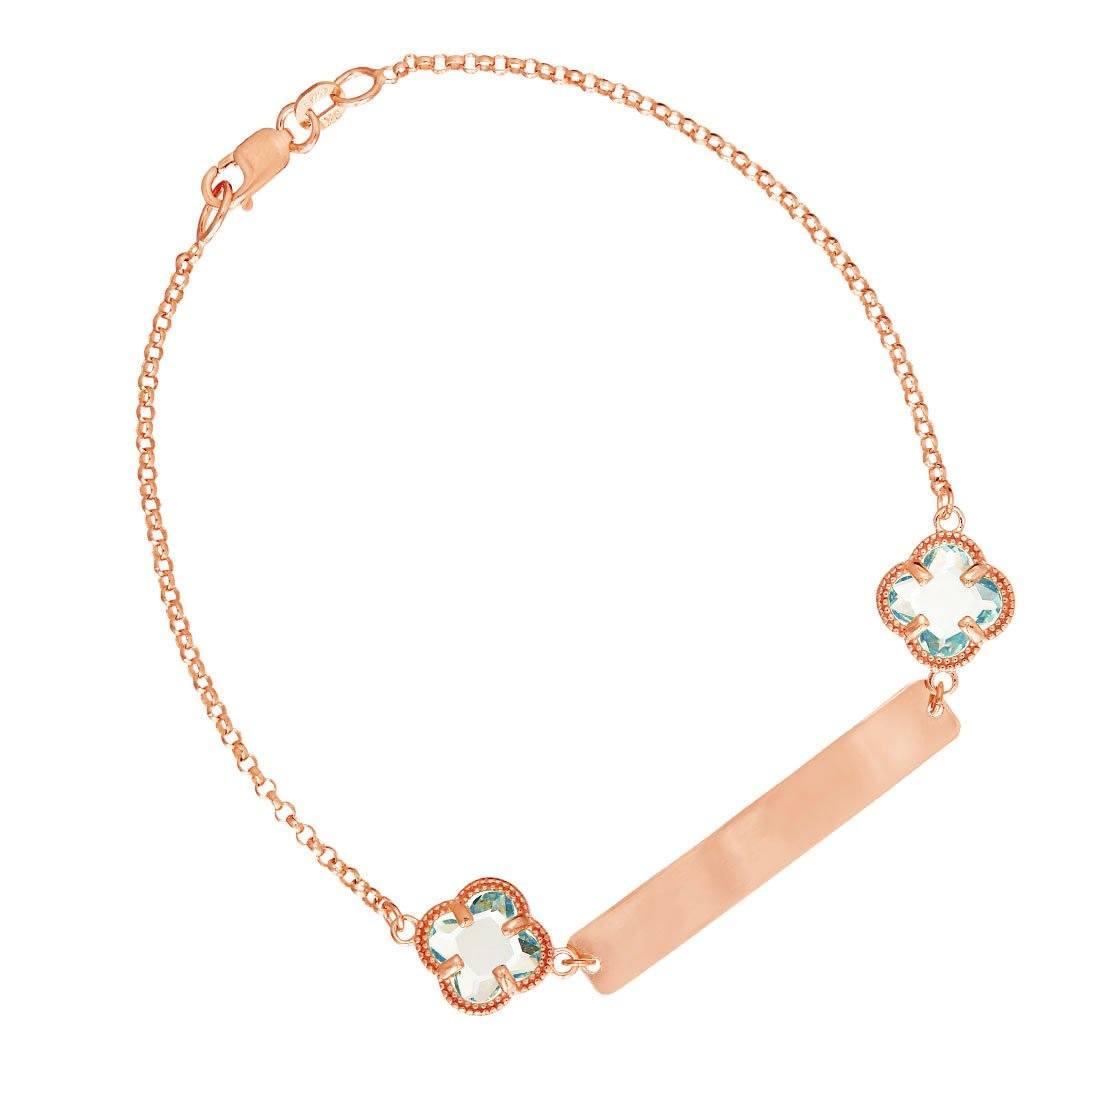 Bevilles 9ct Rose Gold Silver Infused Blue Clover ID Bracelet 19cm